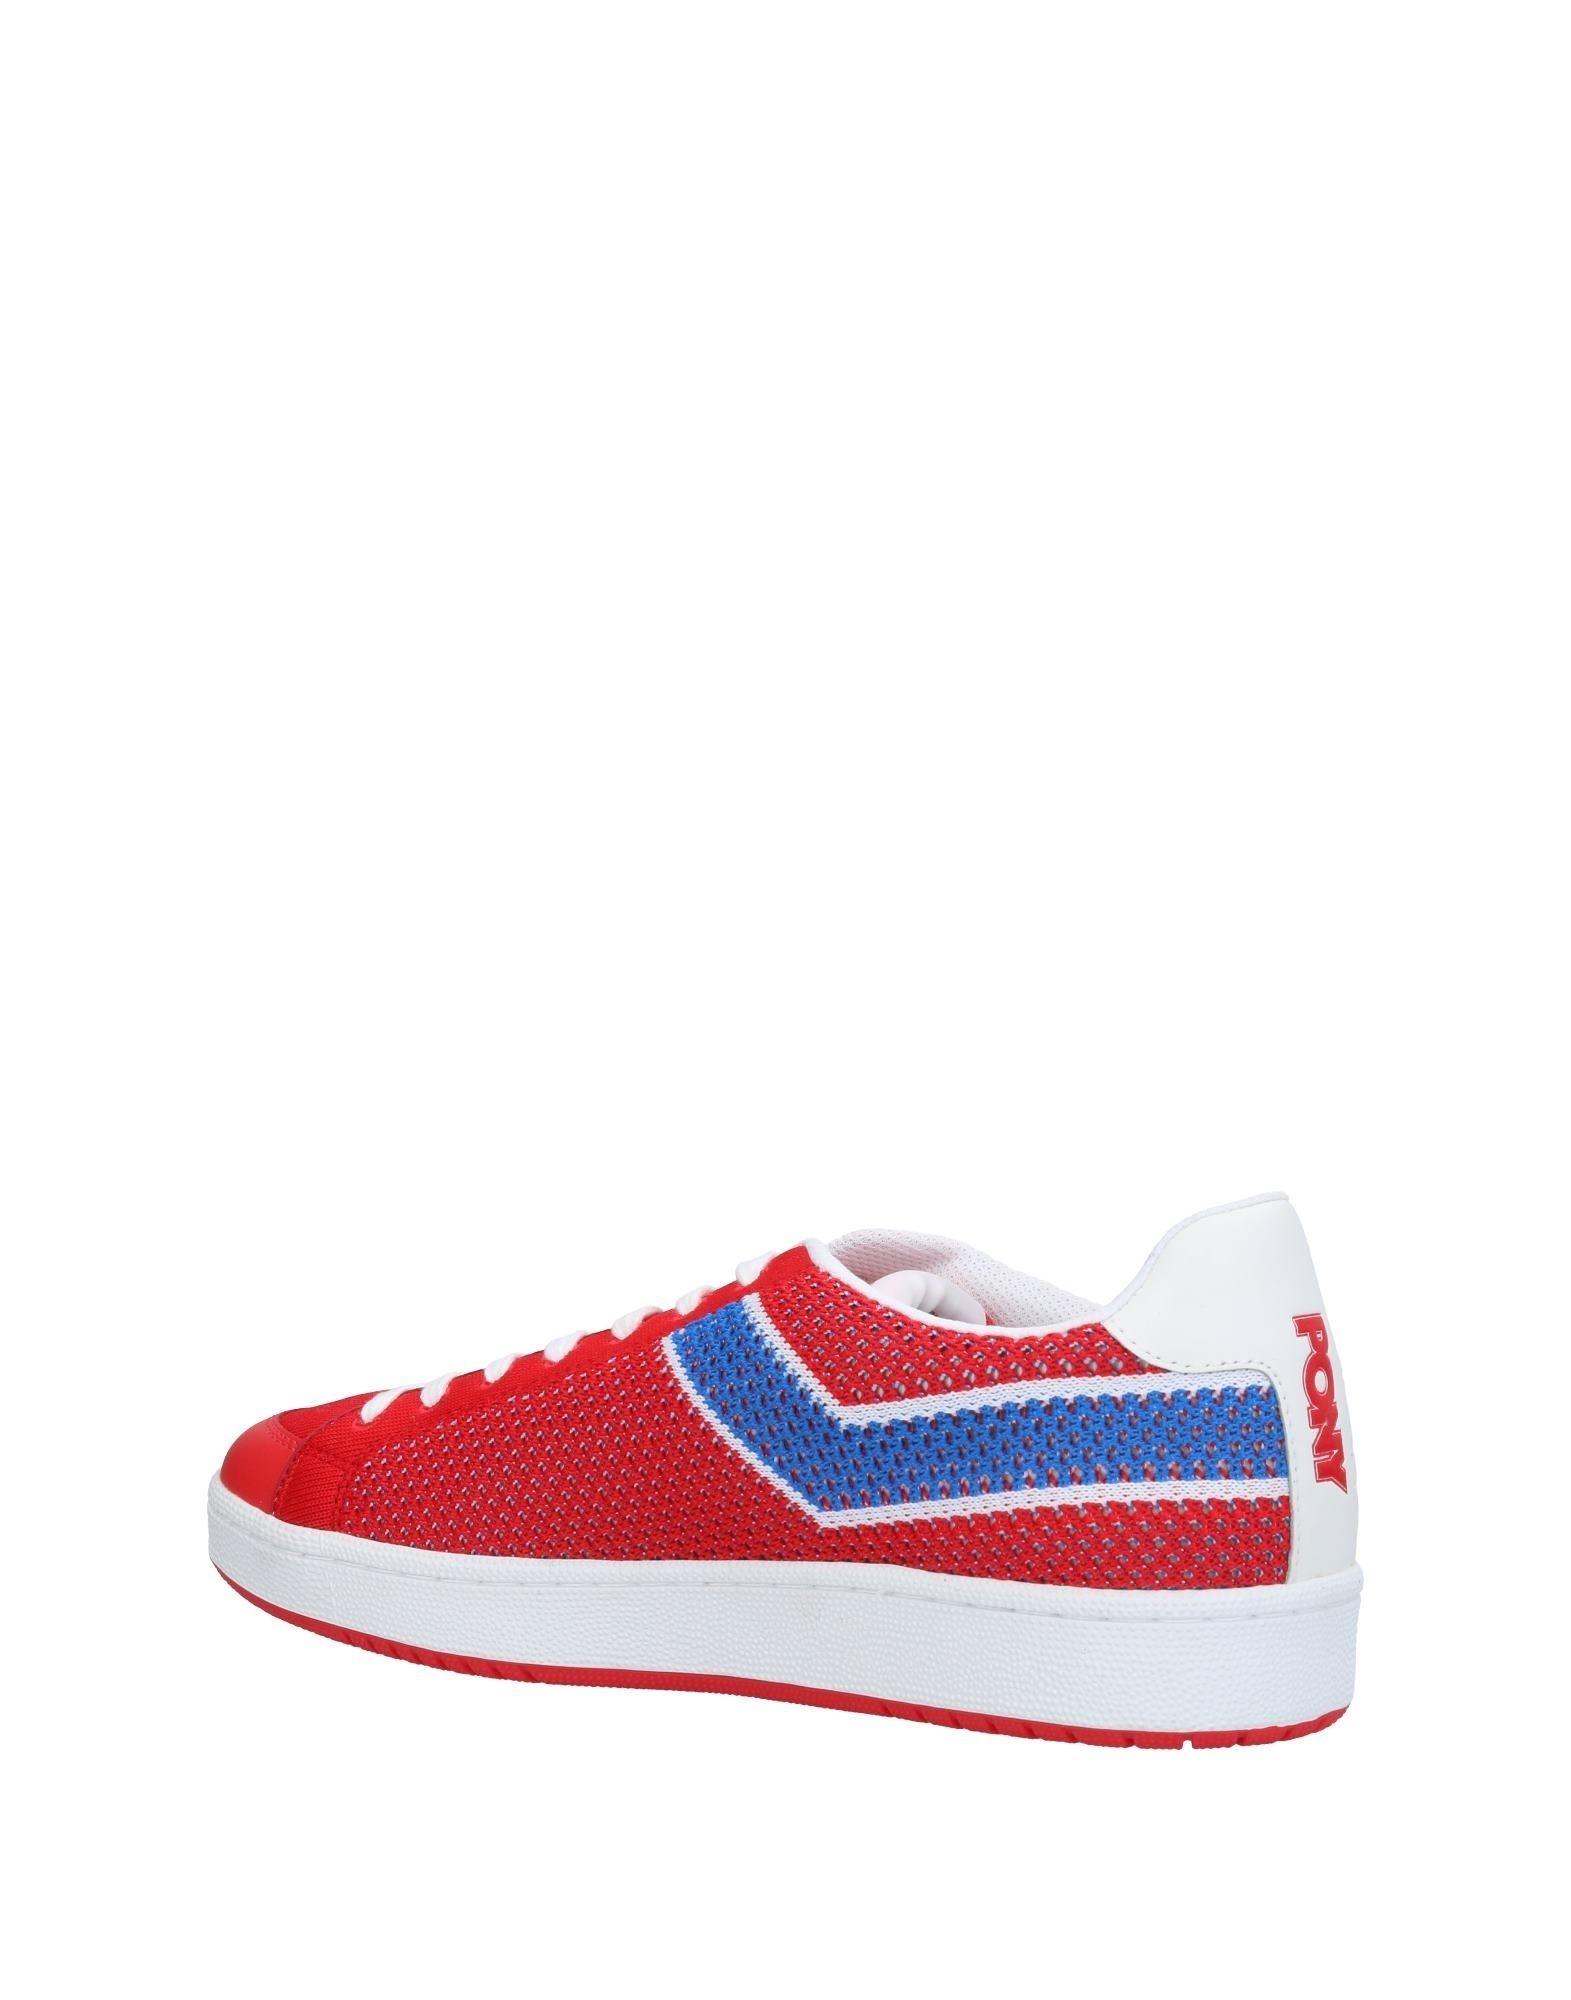 Pony Sneakers Herren Herren Sneakers  11401576TJ 254f08